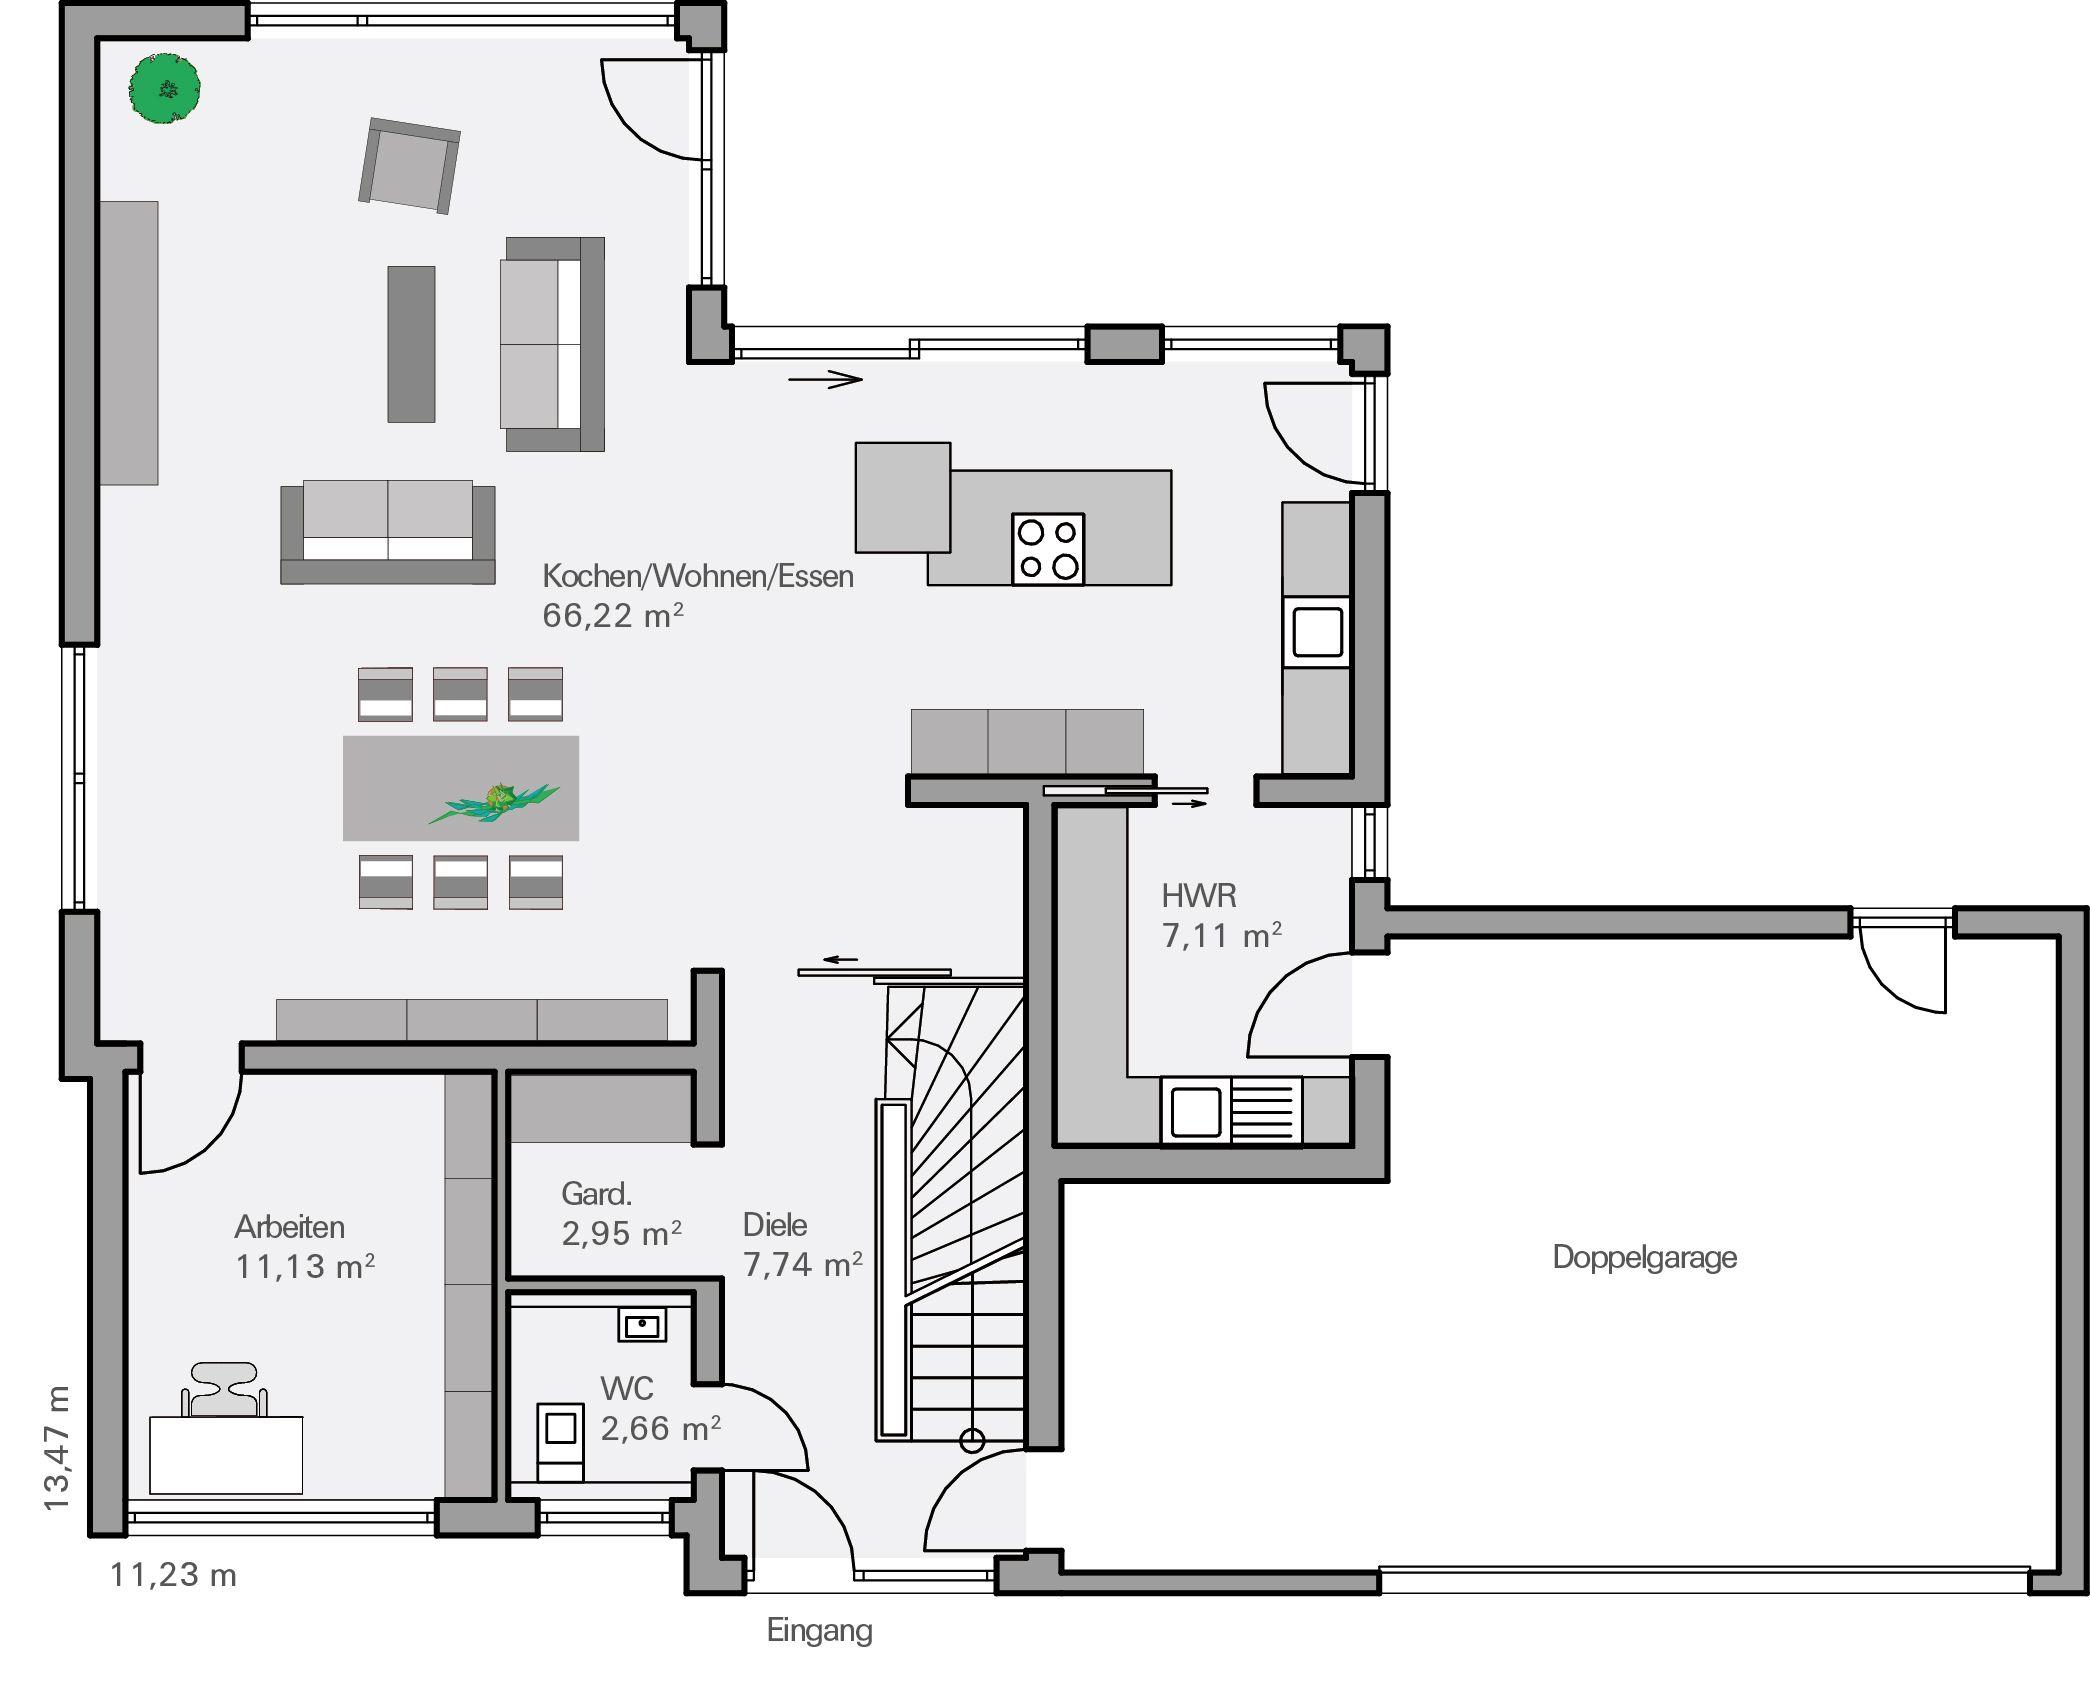 Hausbau grundriss haus pläne grundriss einfamilienhaus traumhaus offene raumaufteilung moderner bungalow raumgestaltung innenarchitektur